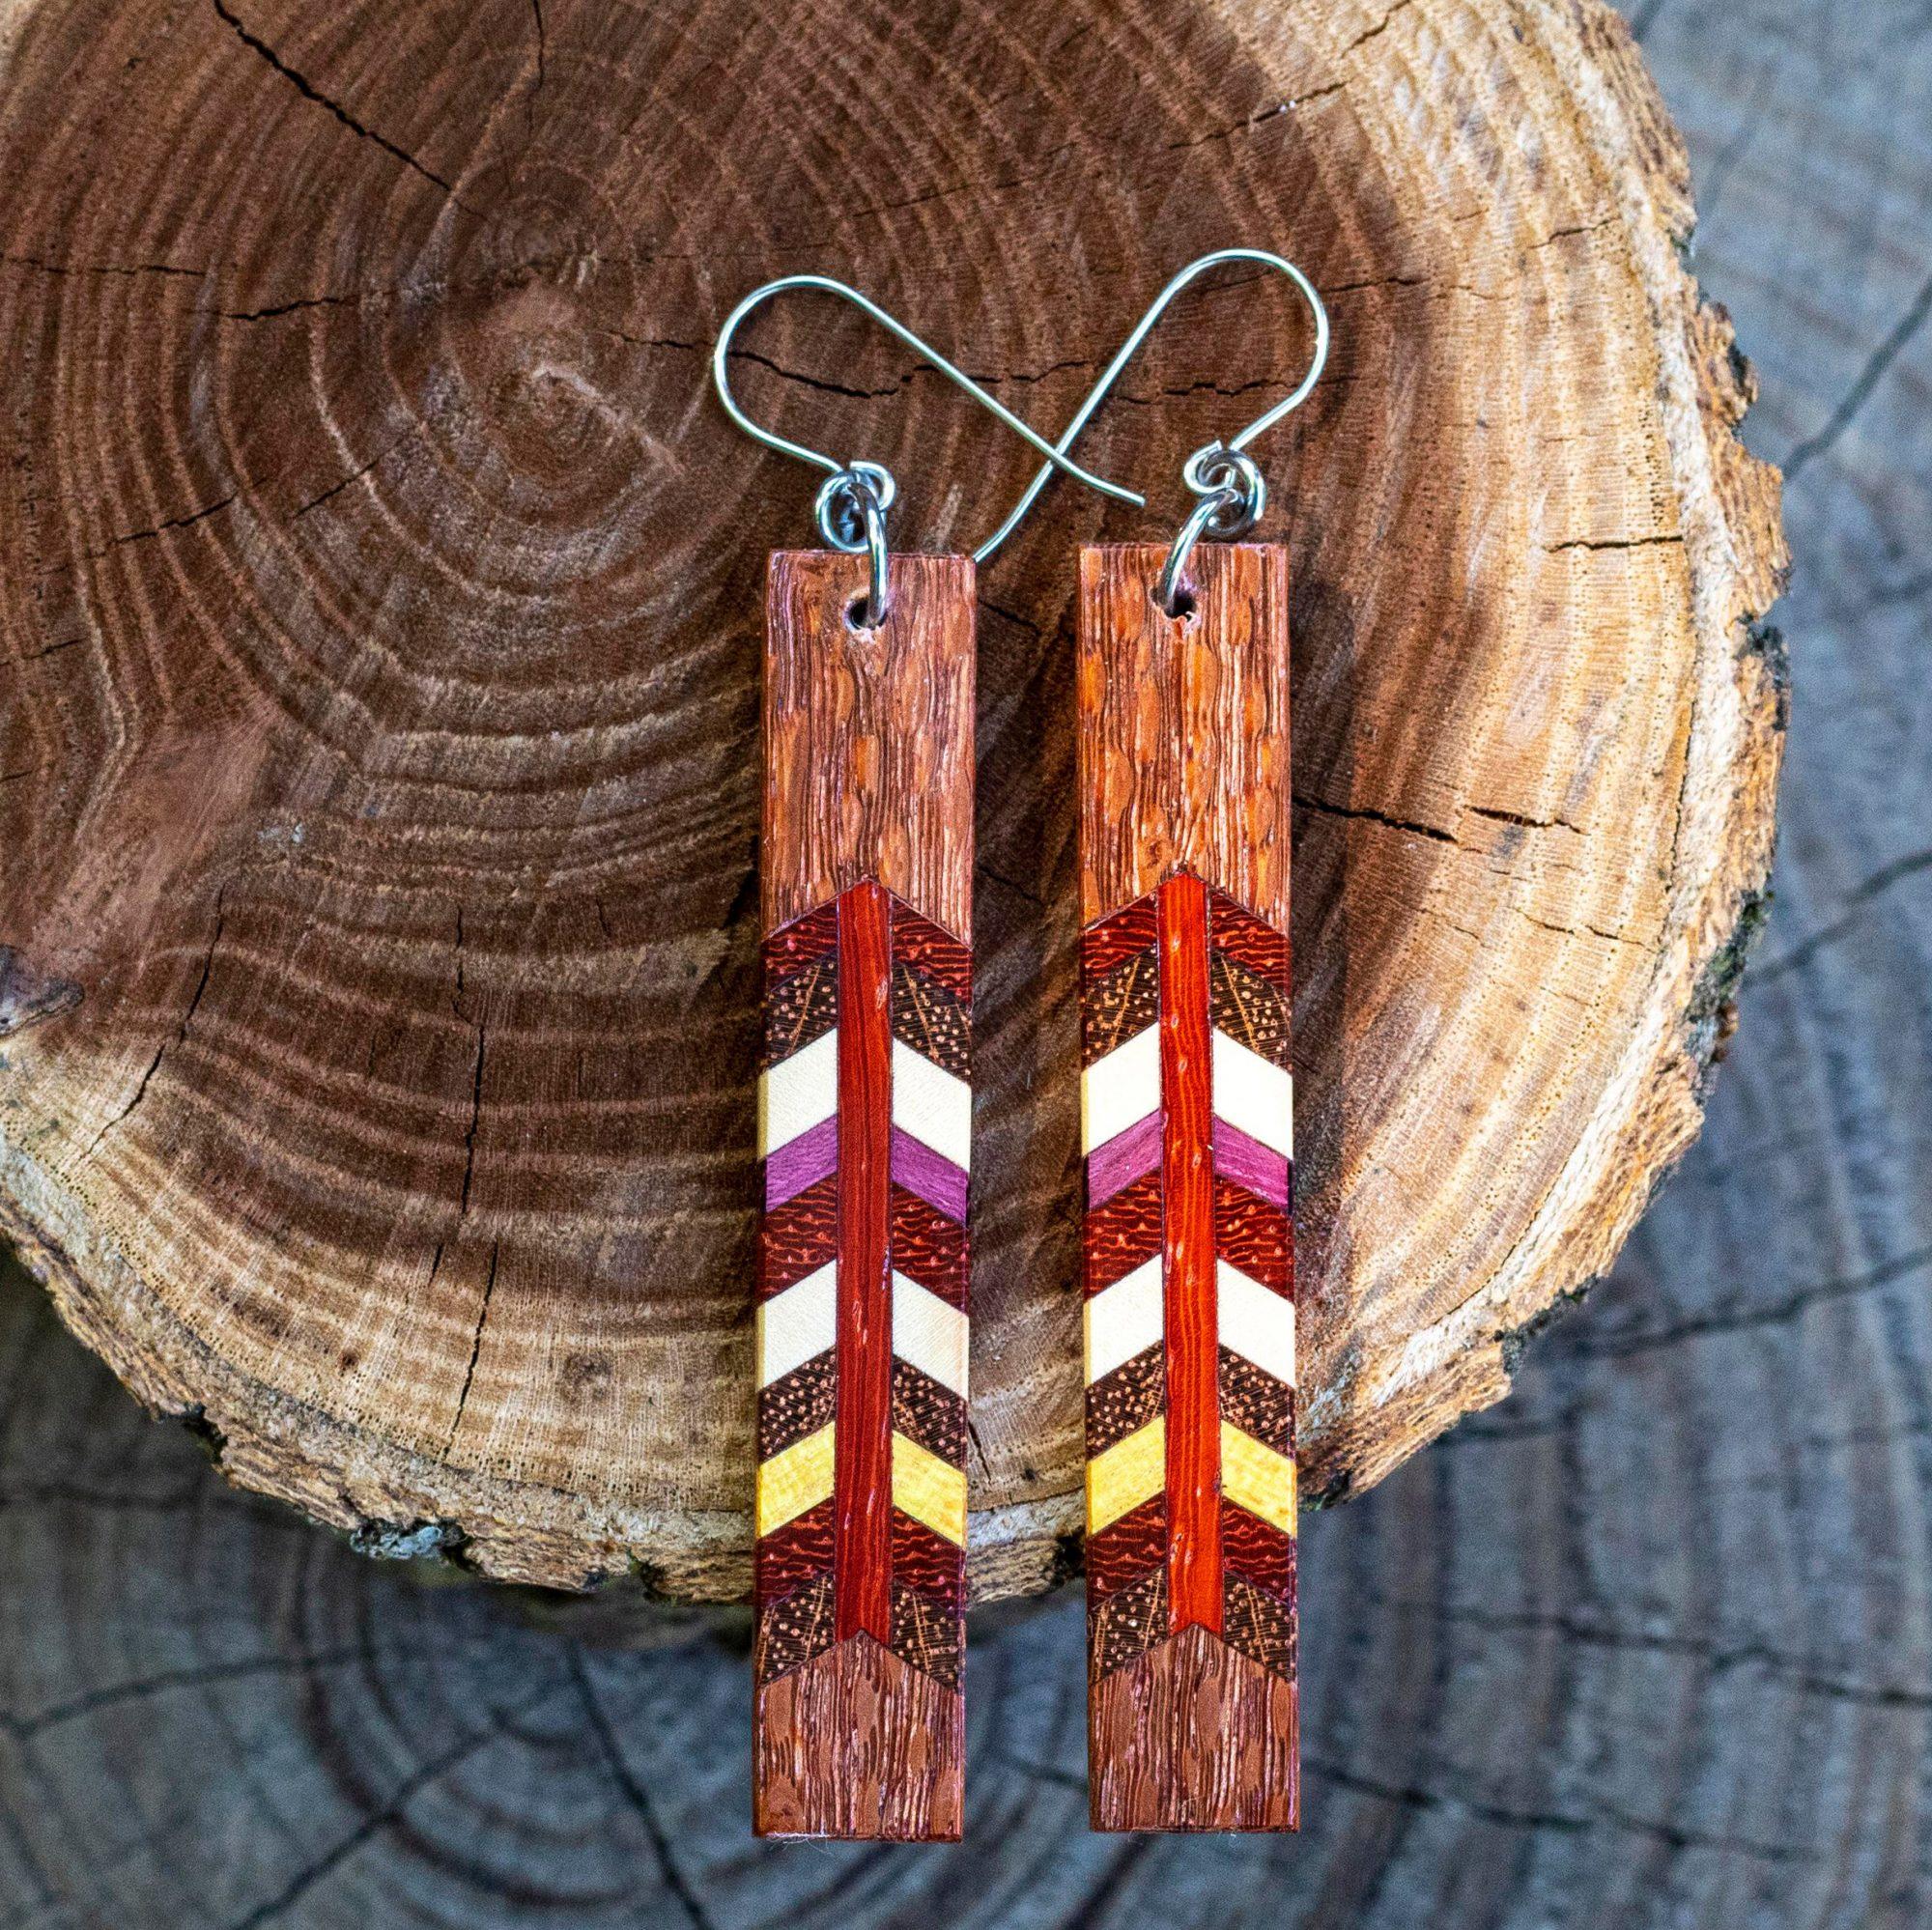 Brambles Woodwork earrings